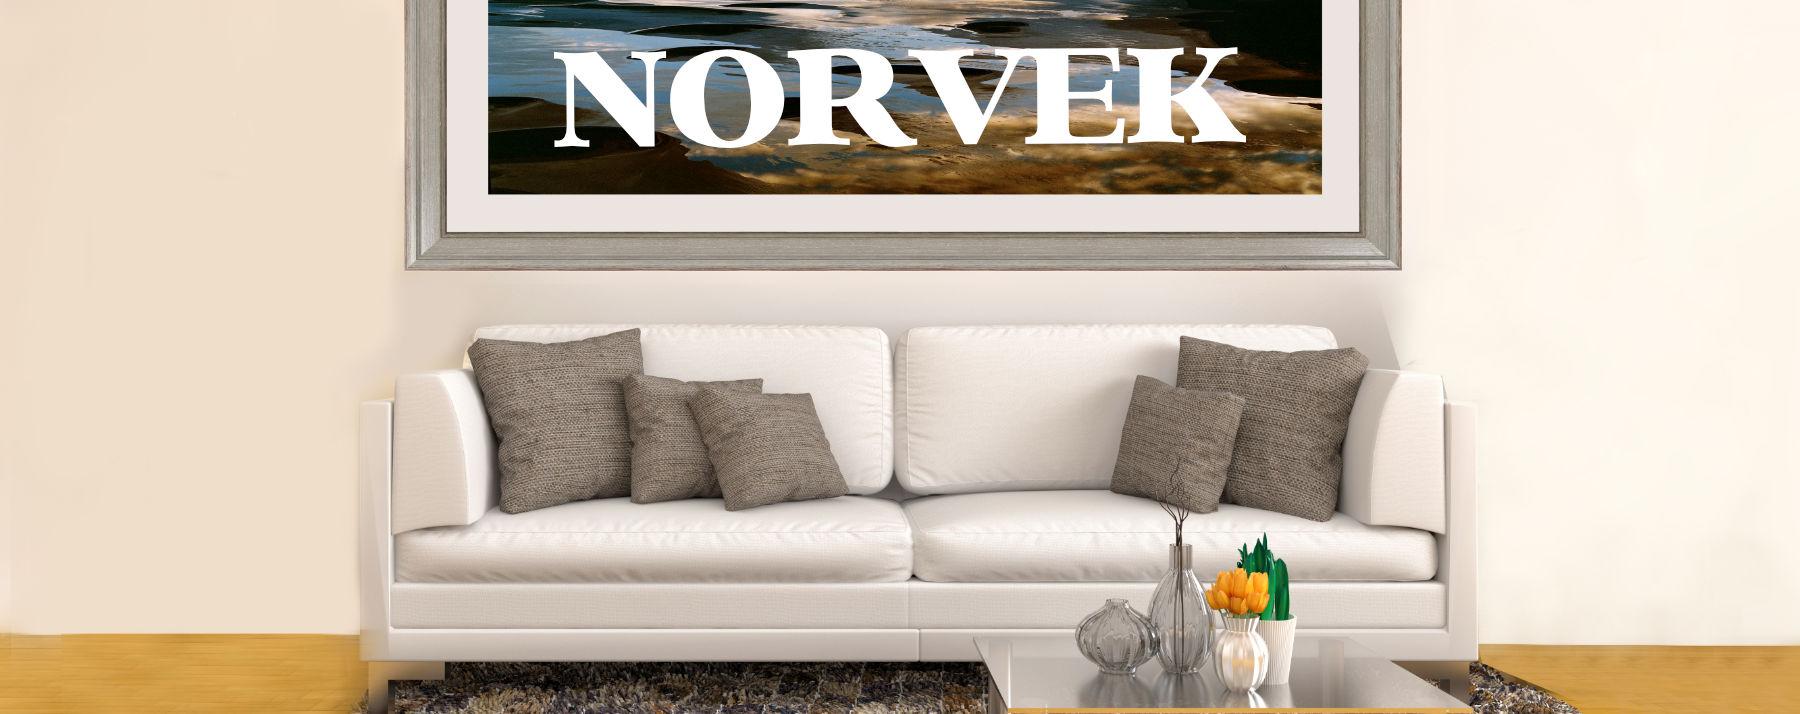 norvek-banner-home